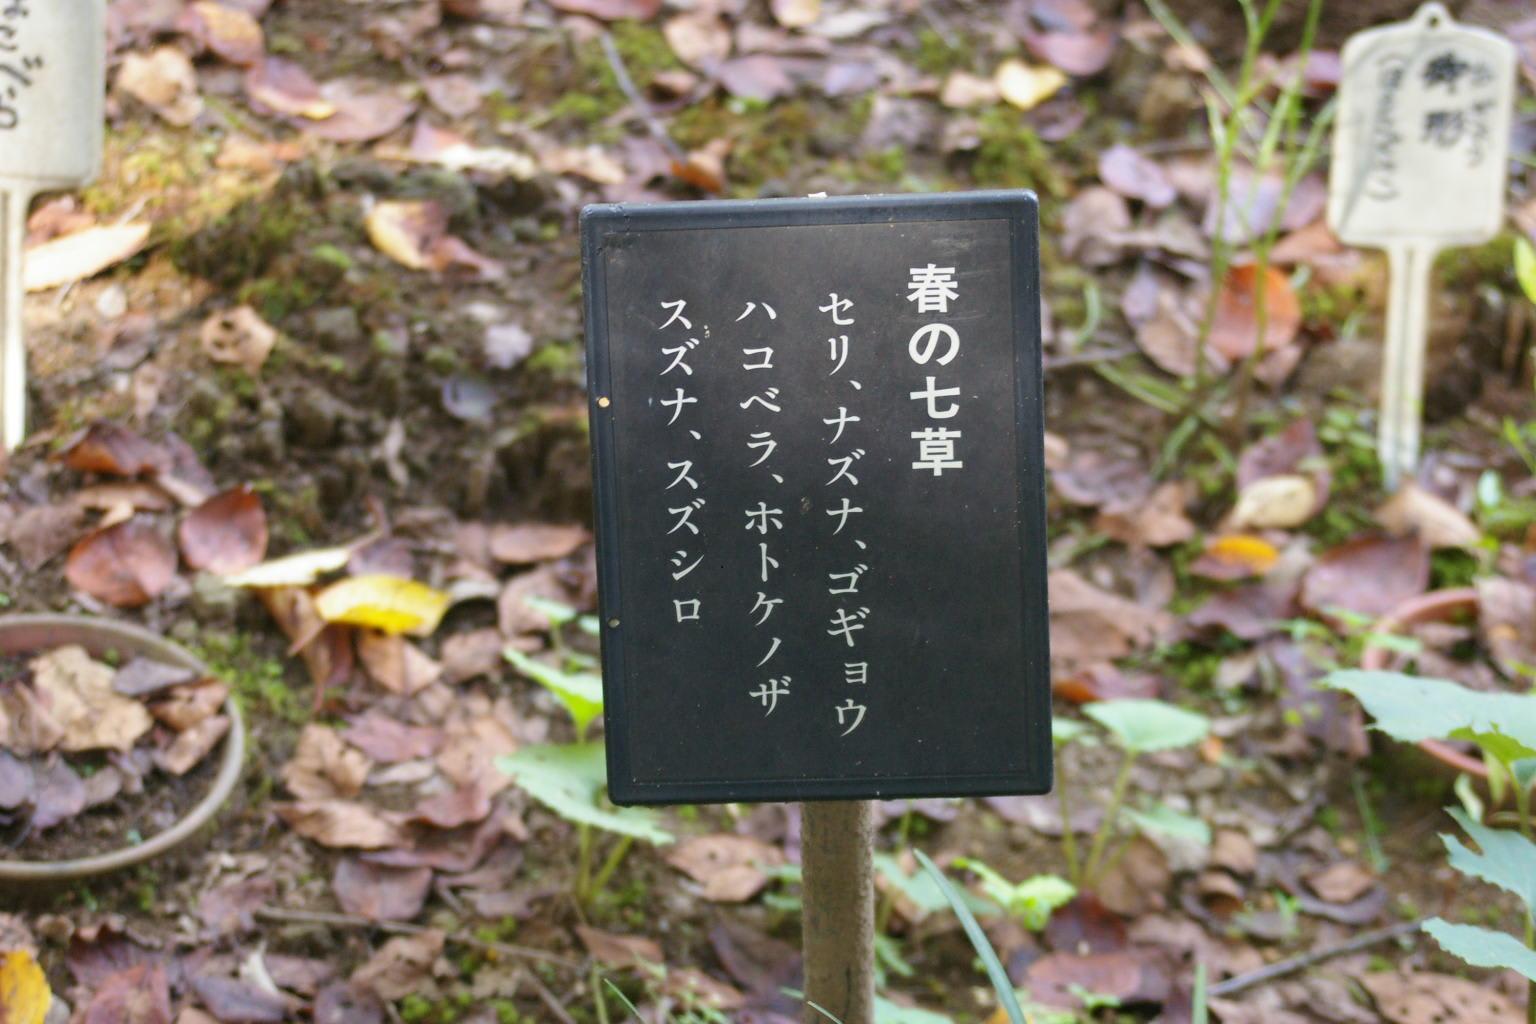 紫式部 墓栃木県